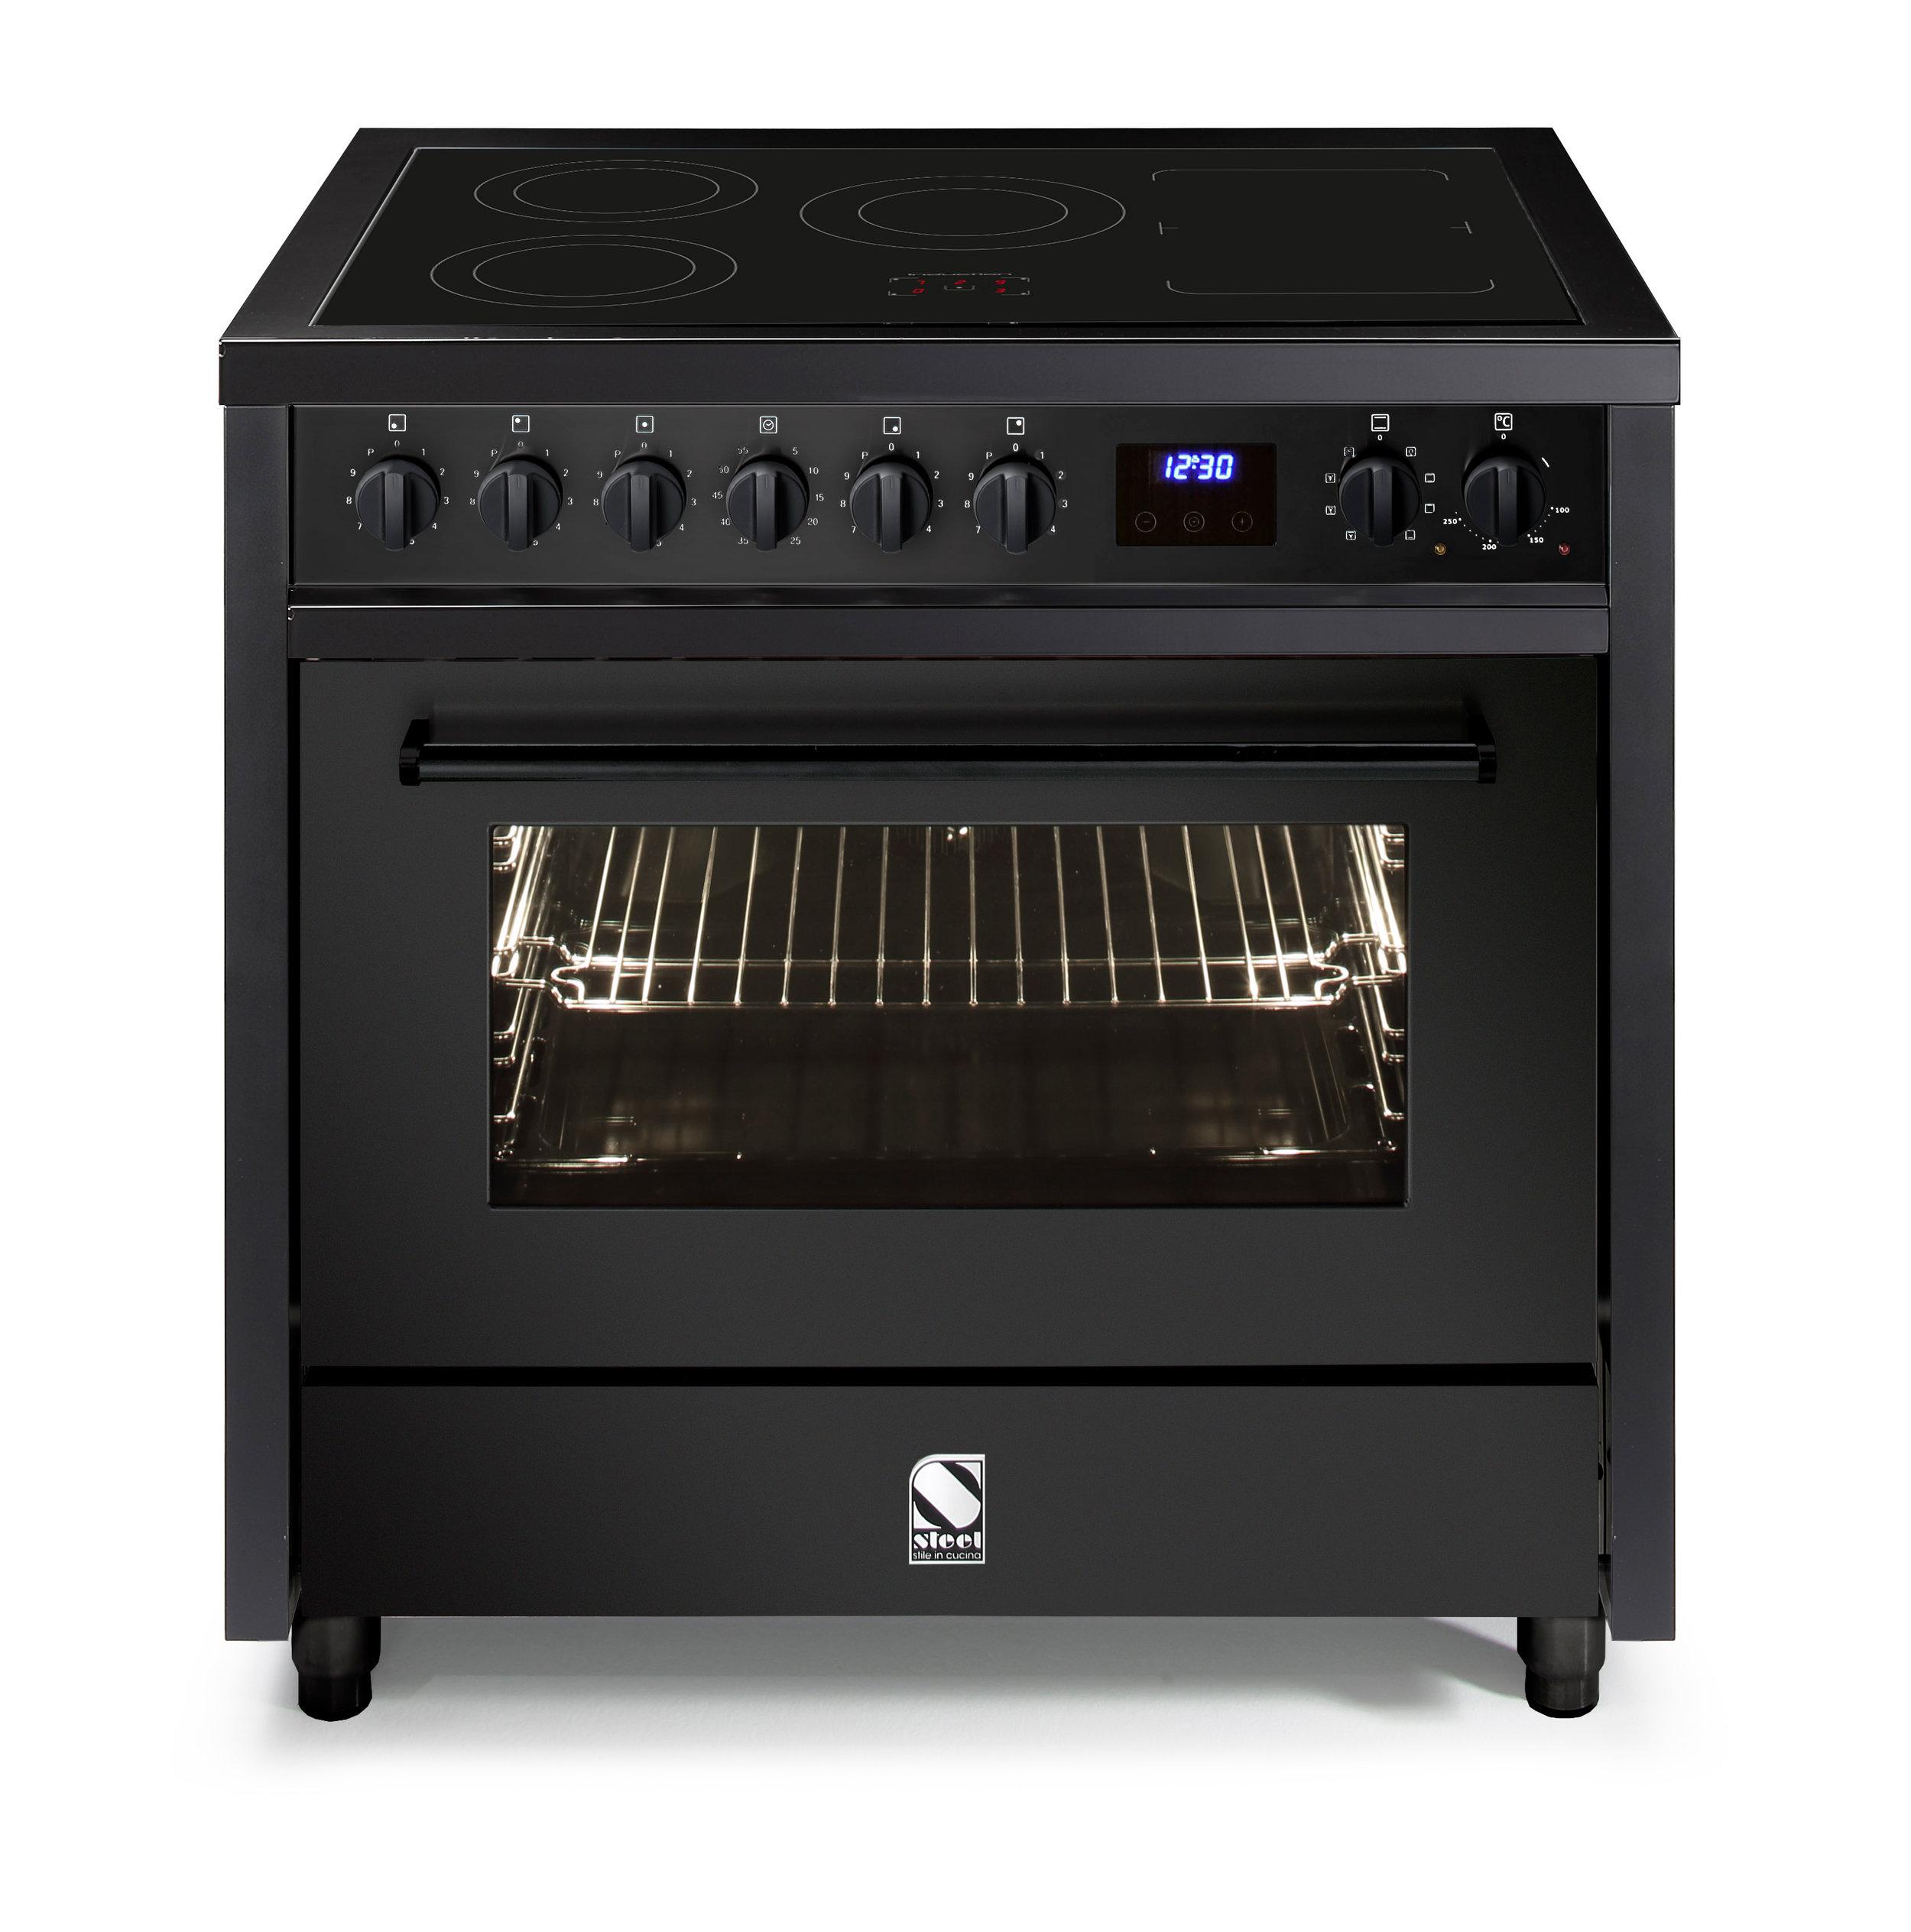 Enfasi 90 Range Cooker - £3,534